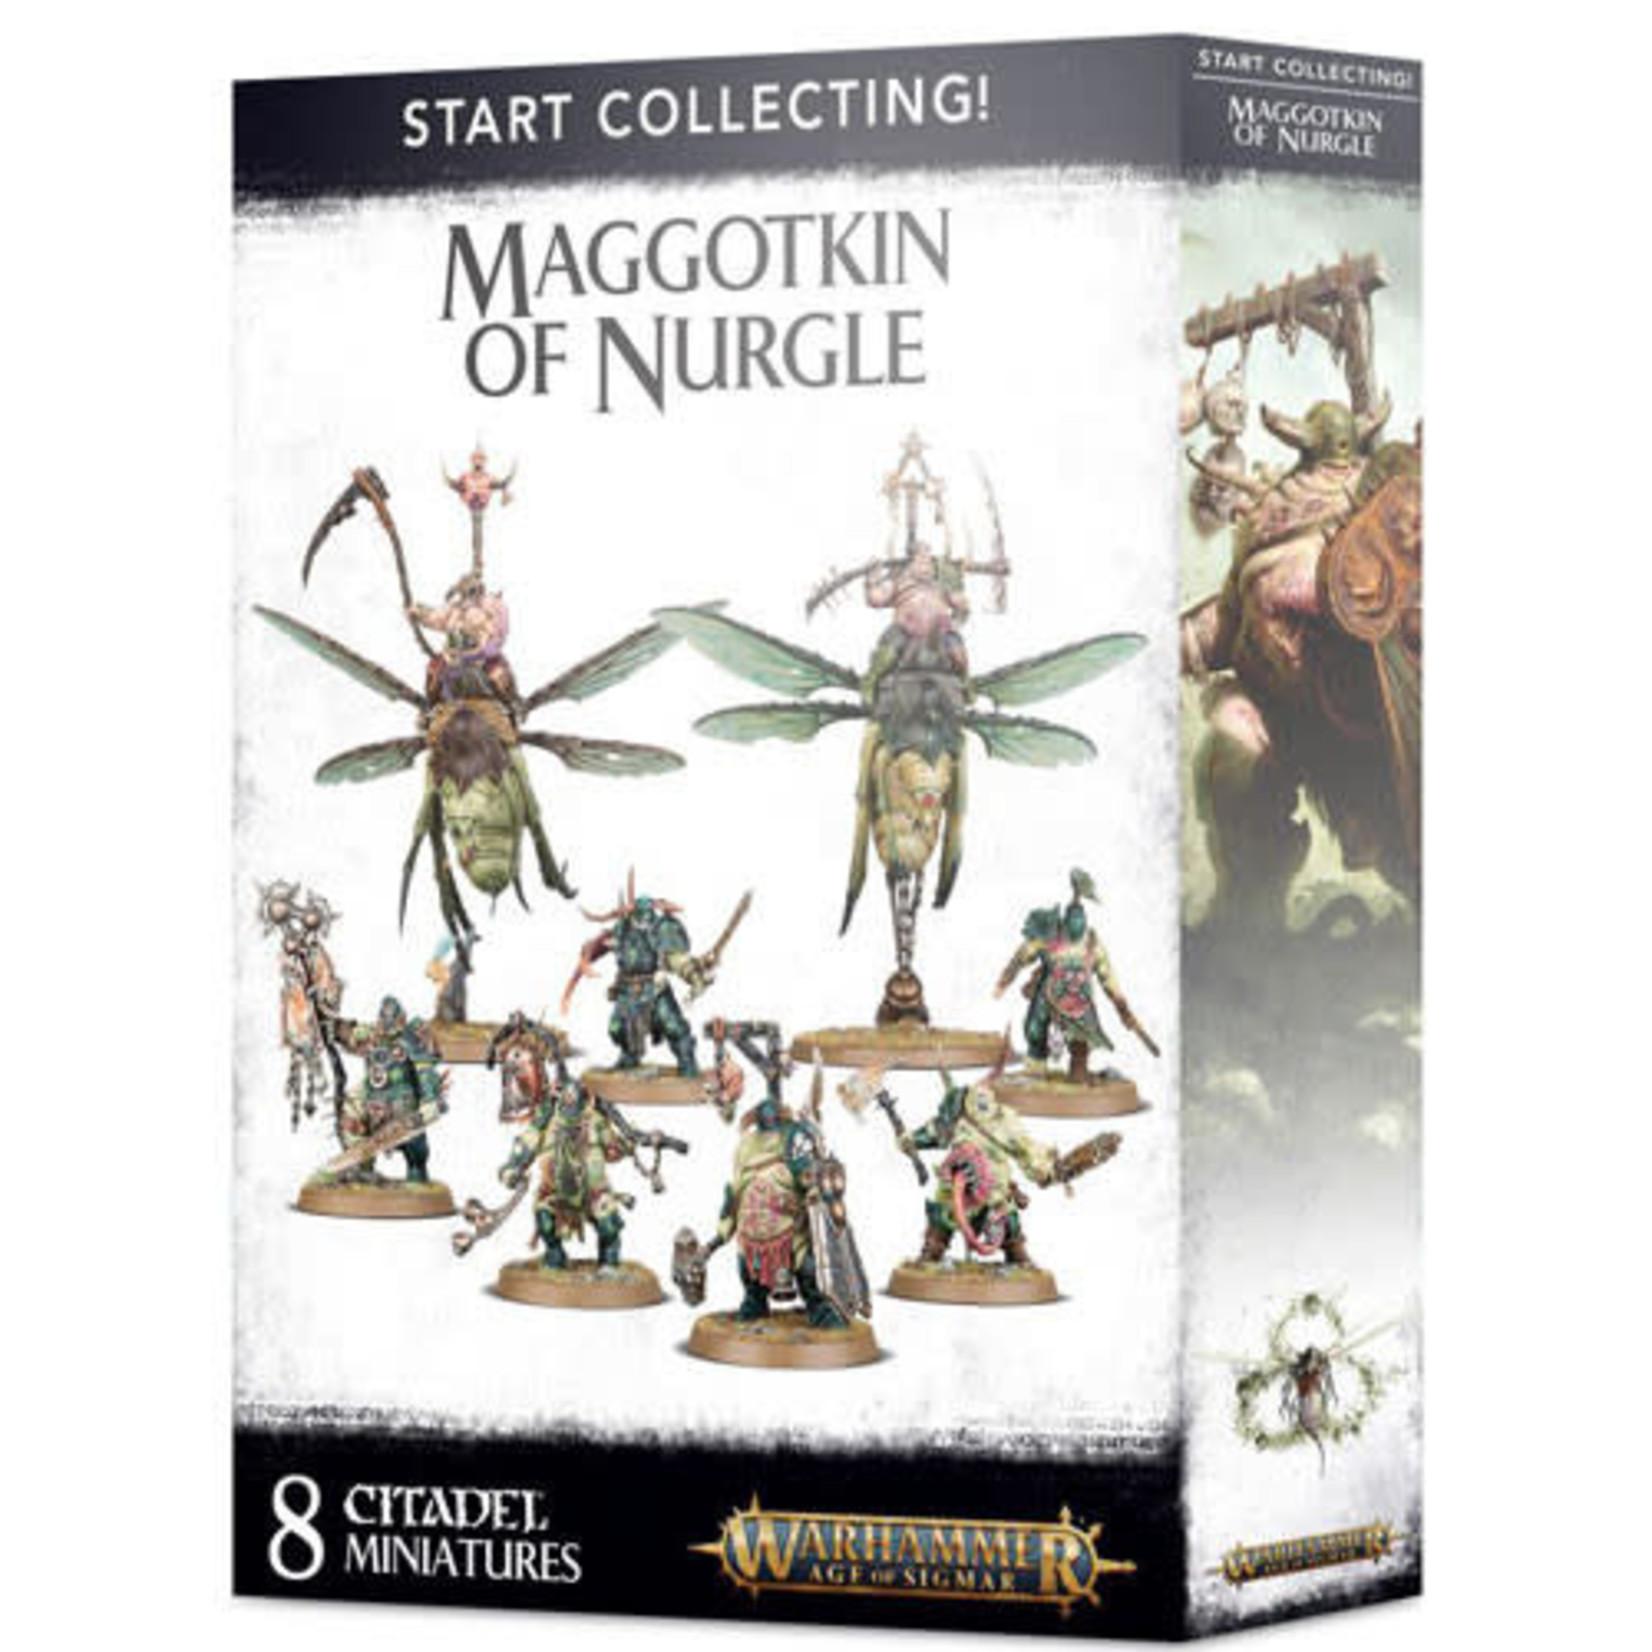 Start Collecting! Maggotkin of Nurgle (AOS)